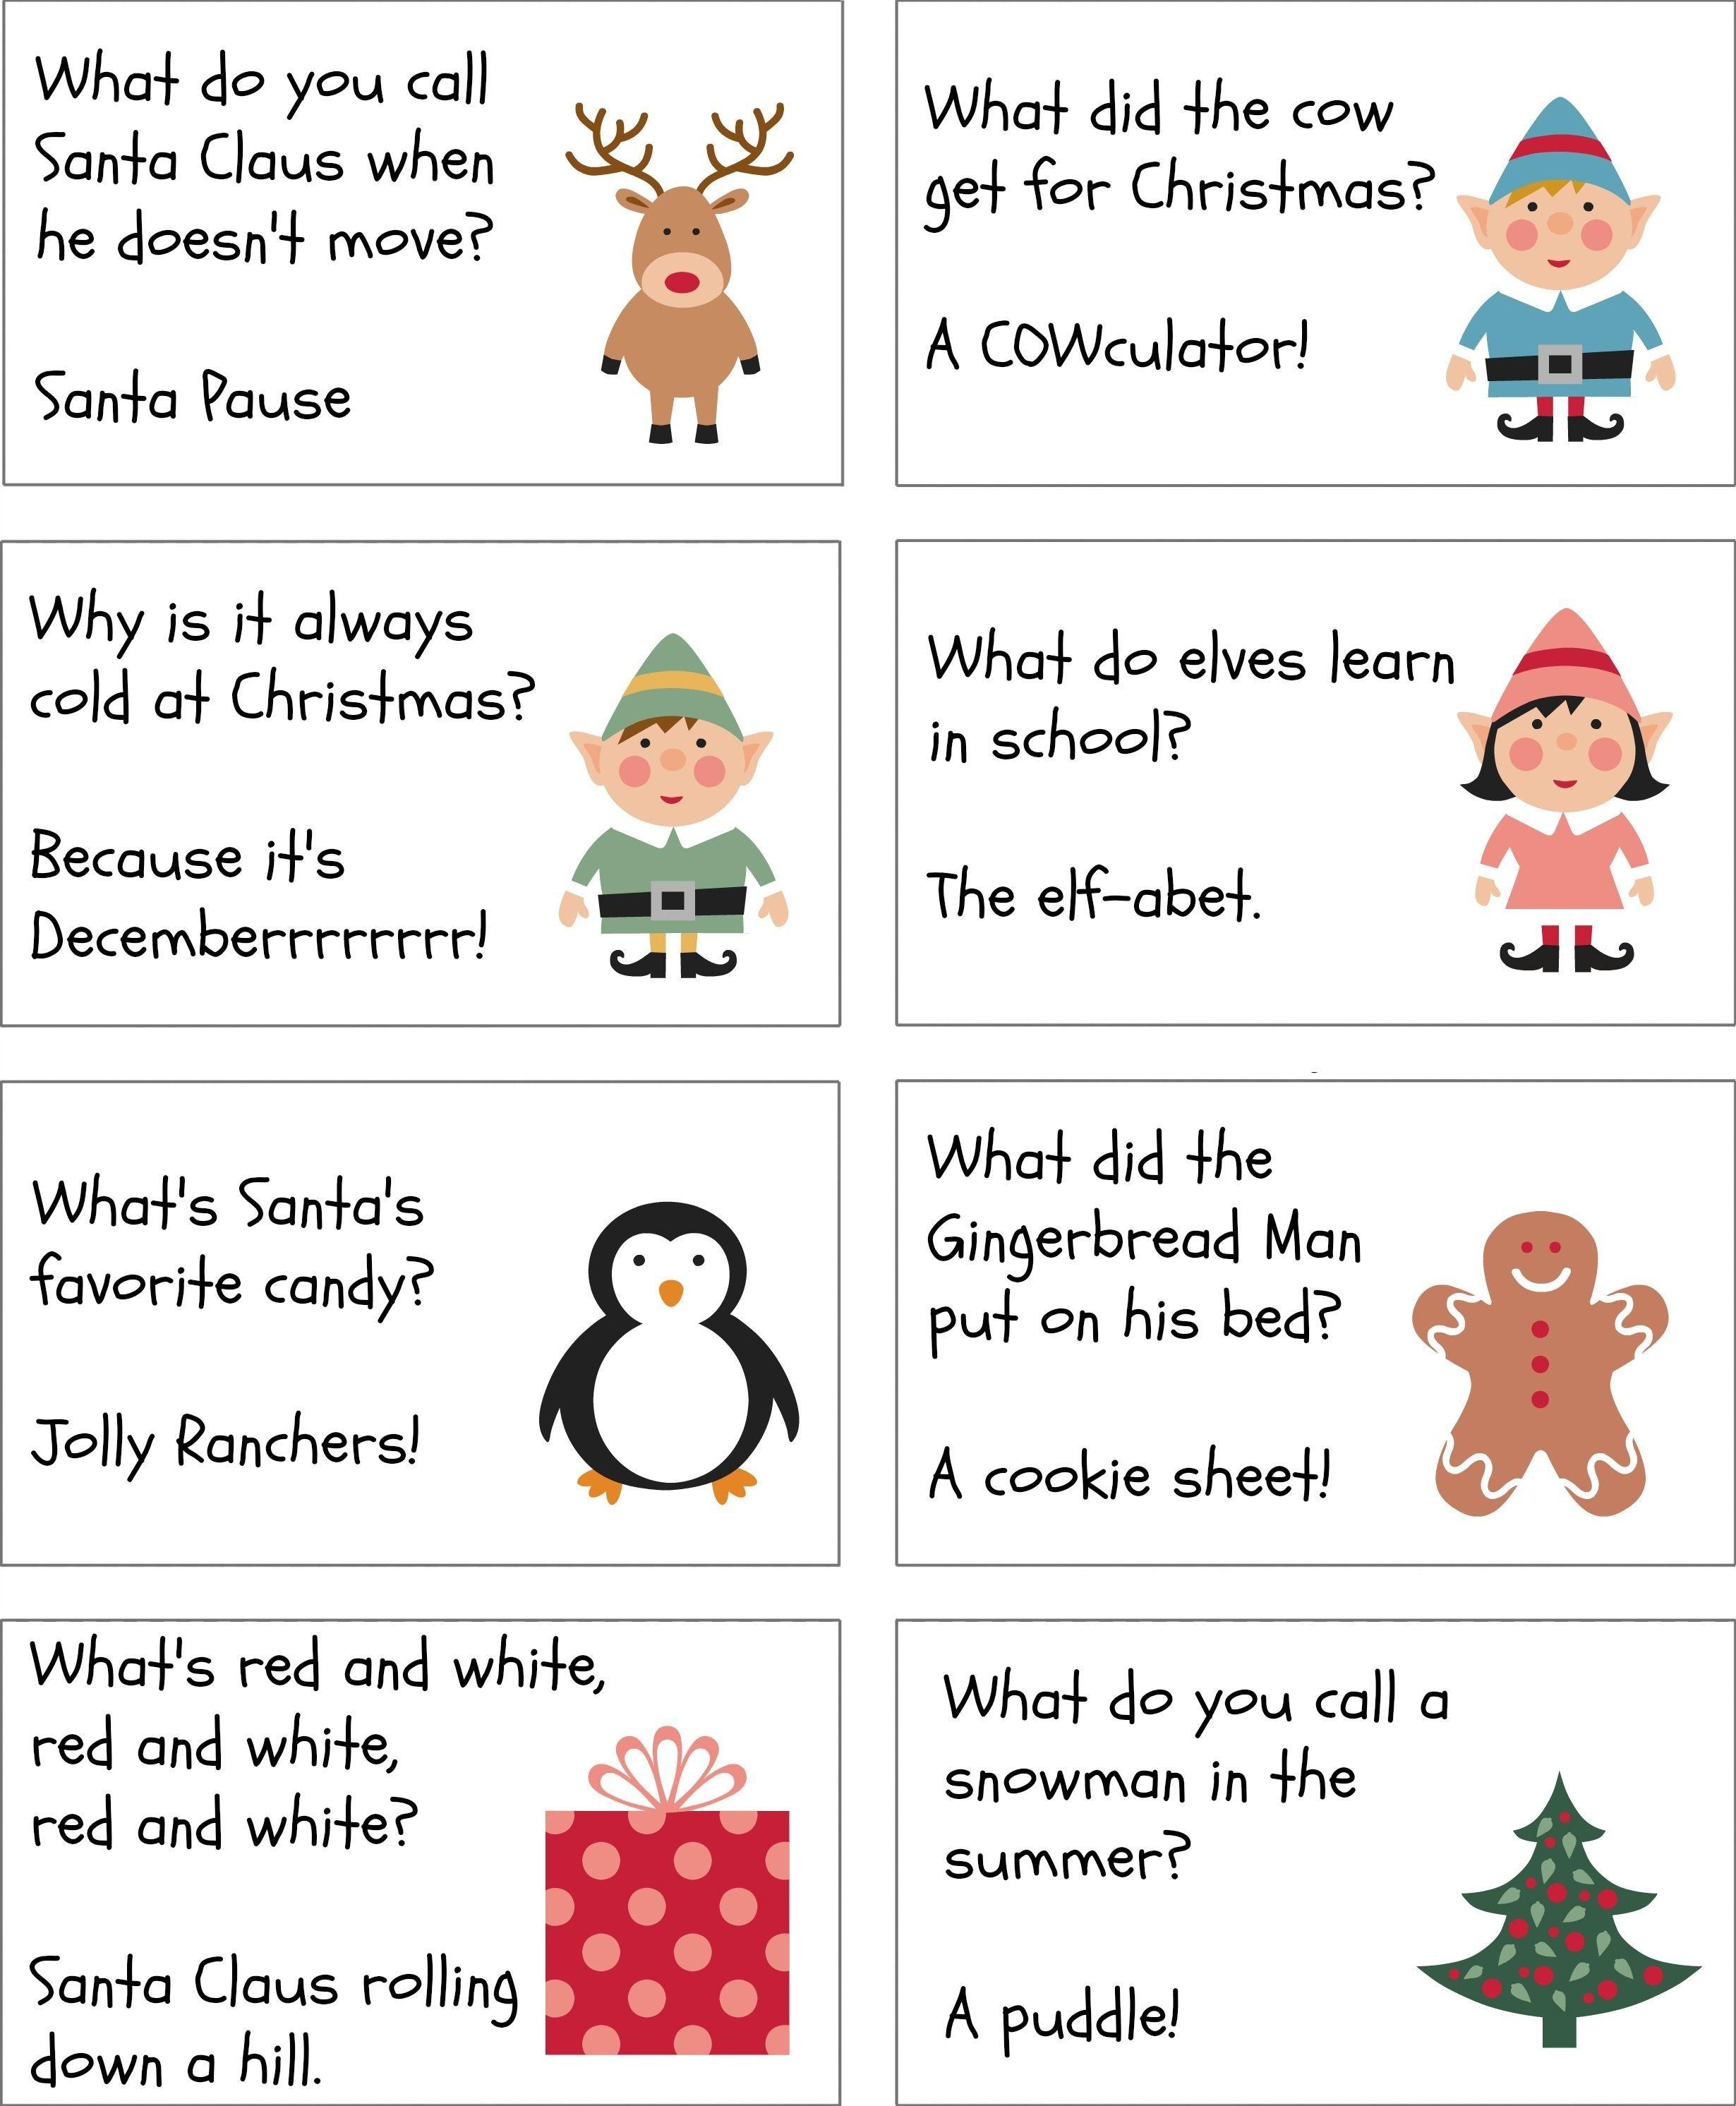 Pin on Christmas jokes